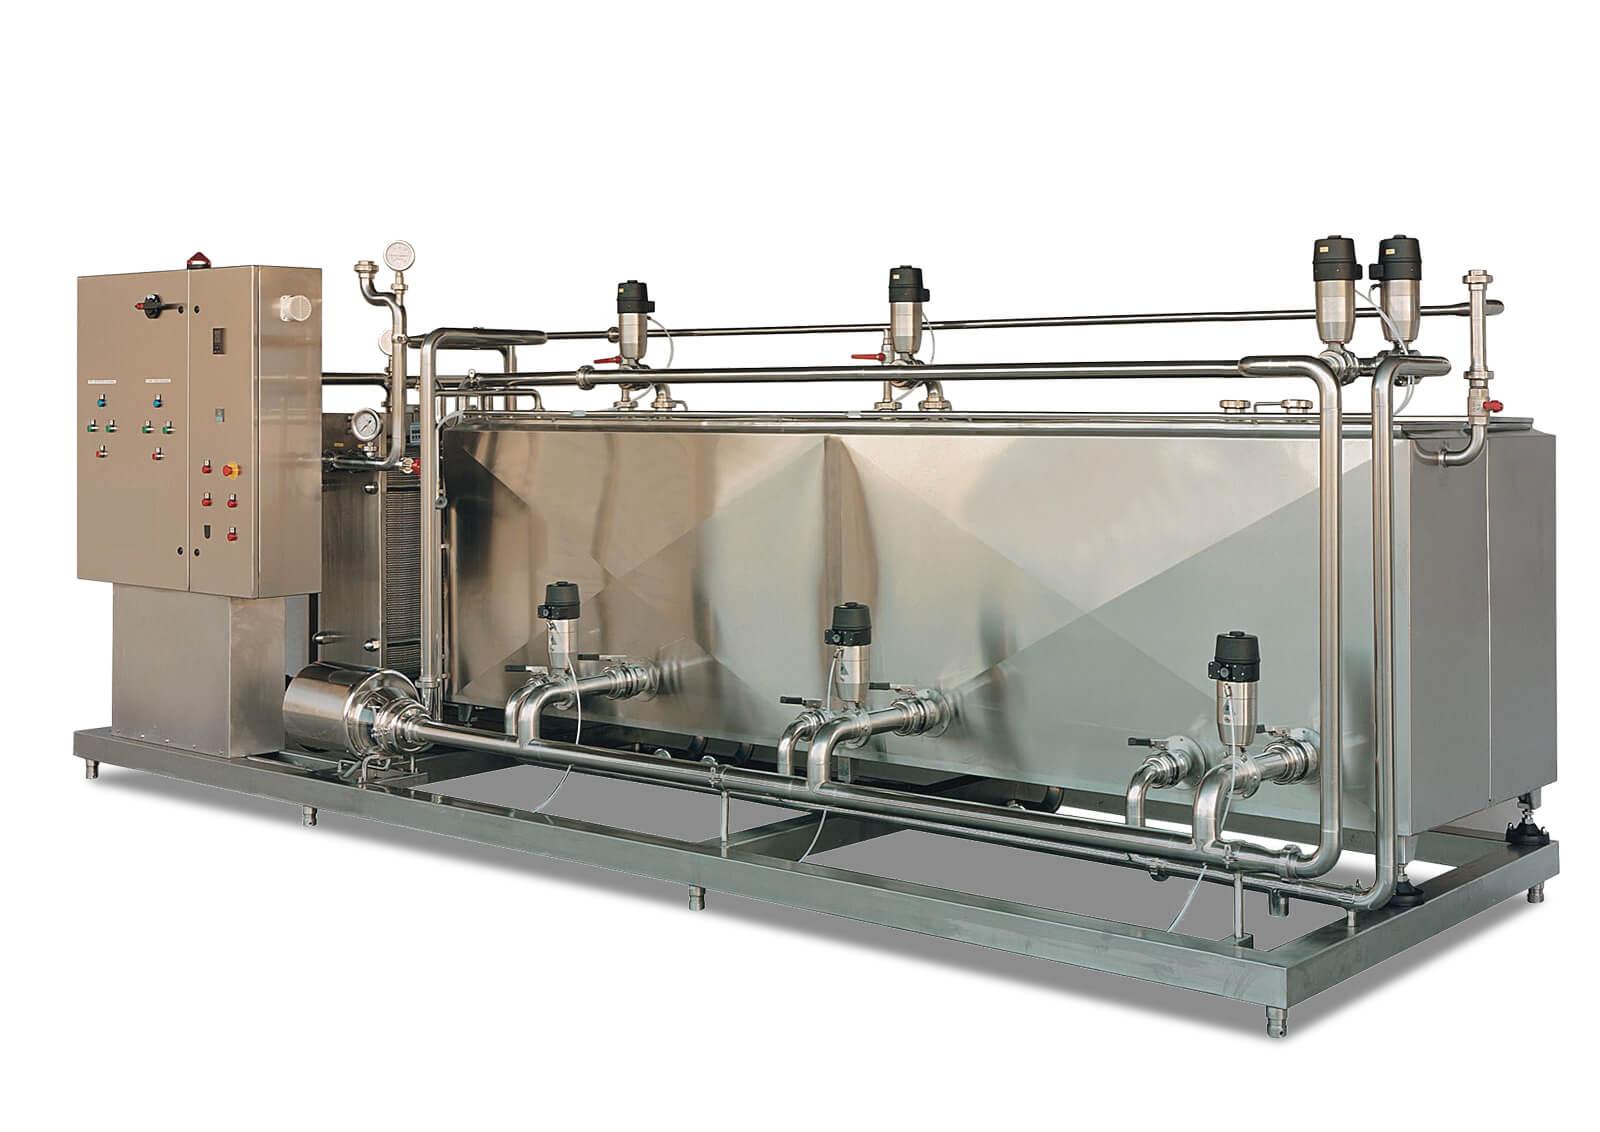 Impianto CIP per il lavaggio Automatico - Casearmeccanica Vicentina cop